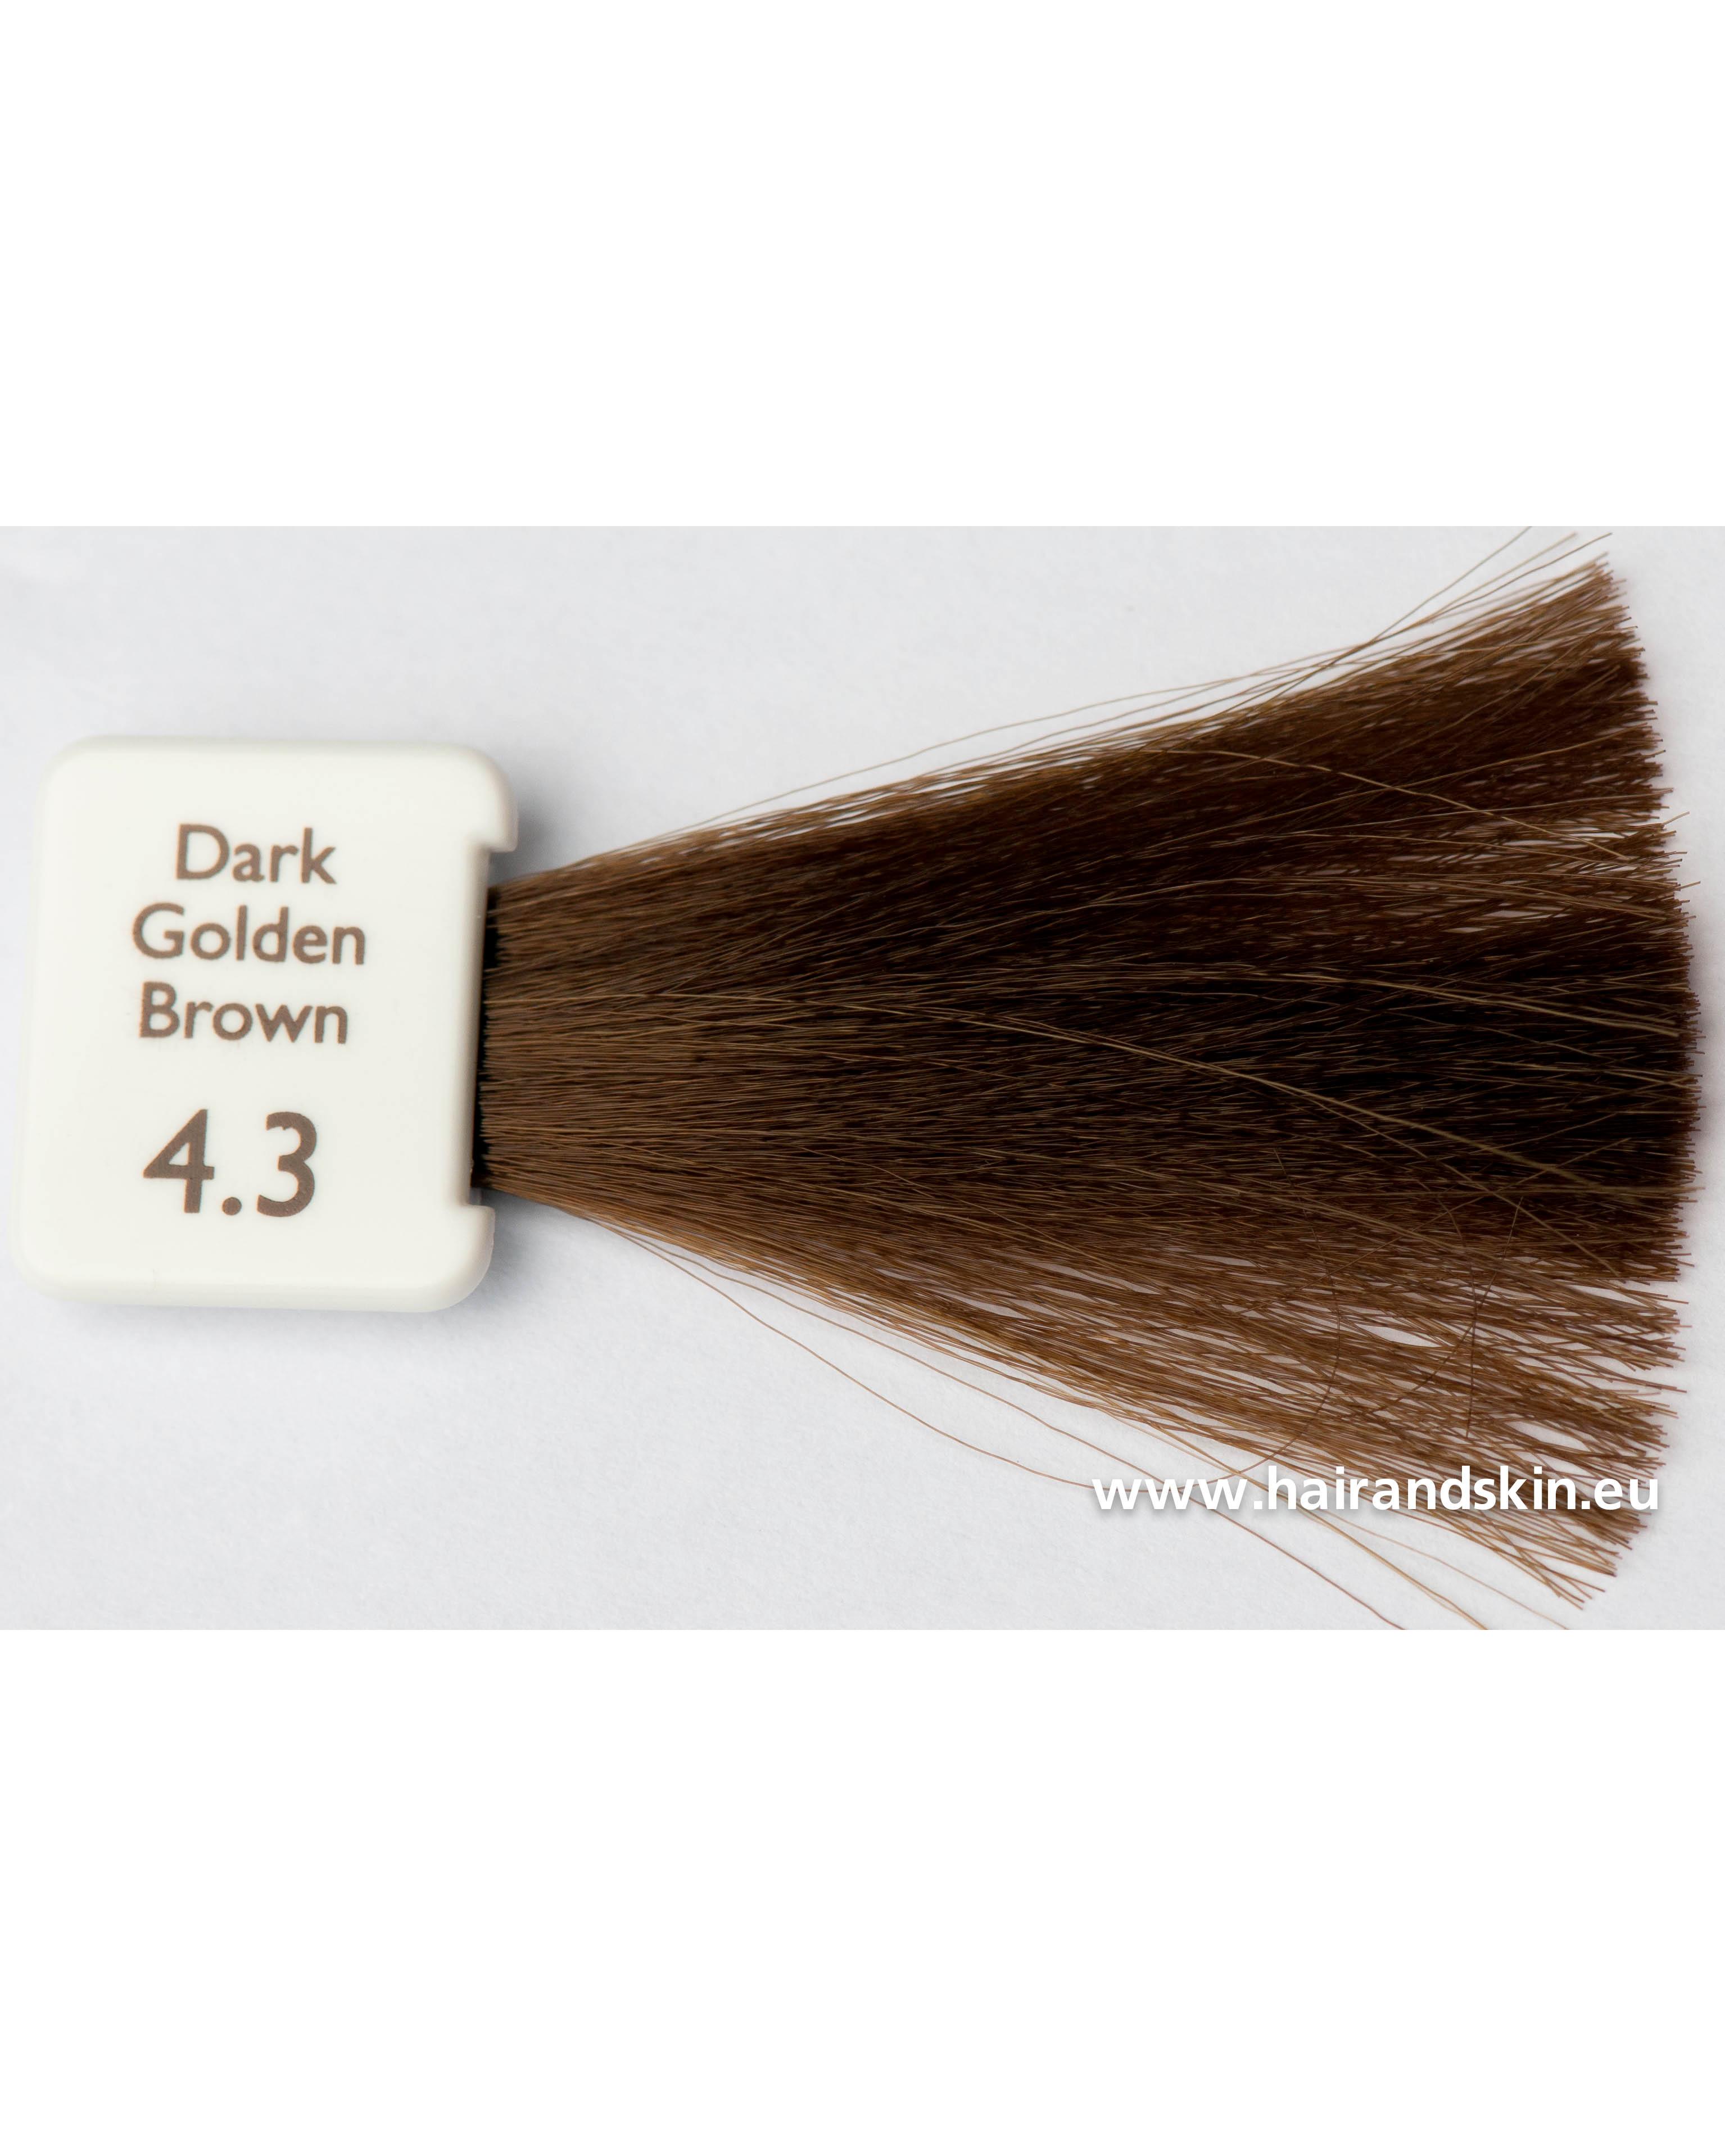 coloration natulique marron foncé doré 4.3 crème naturelle